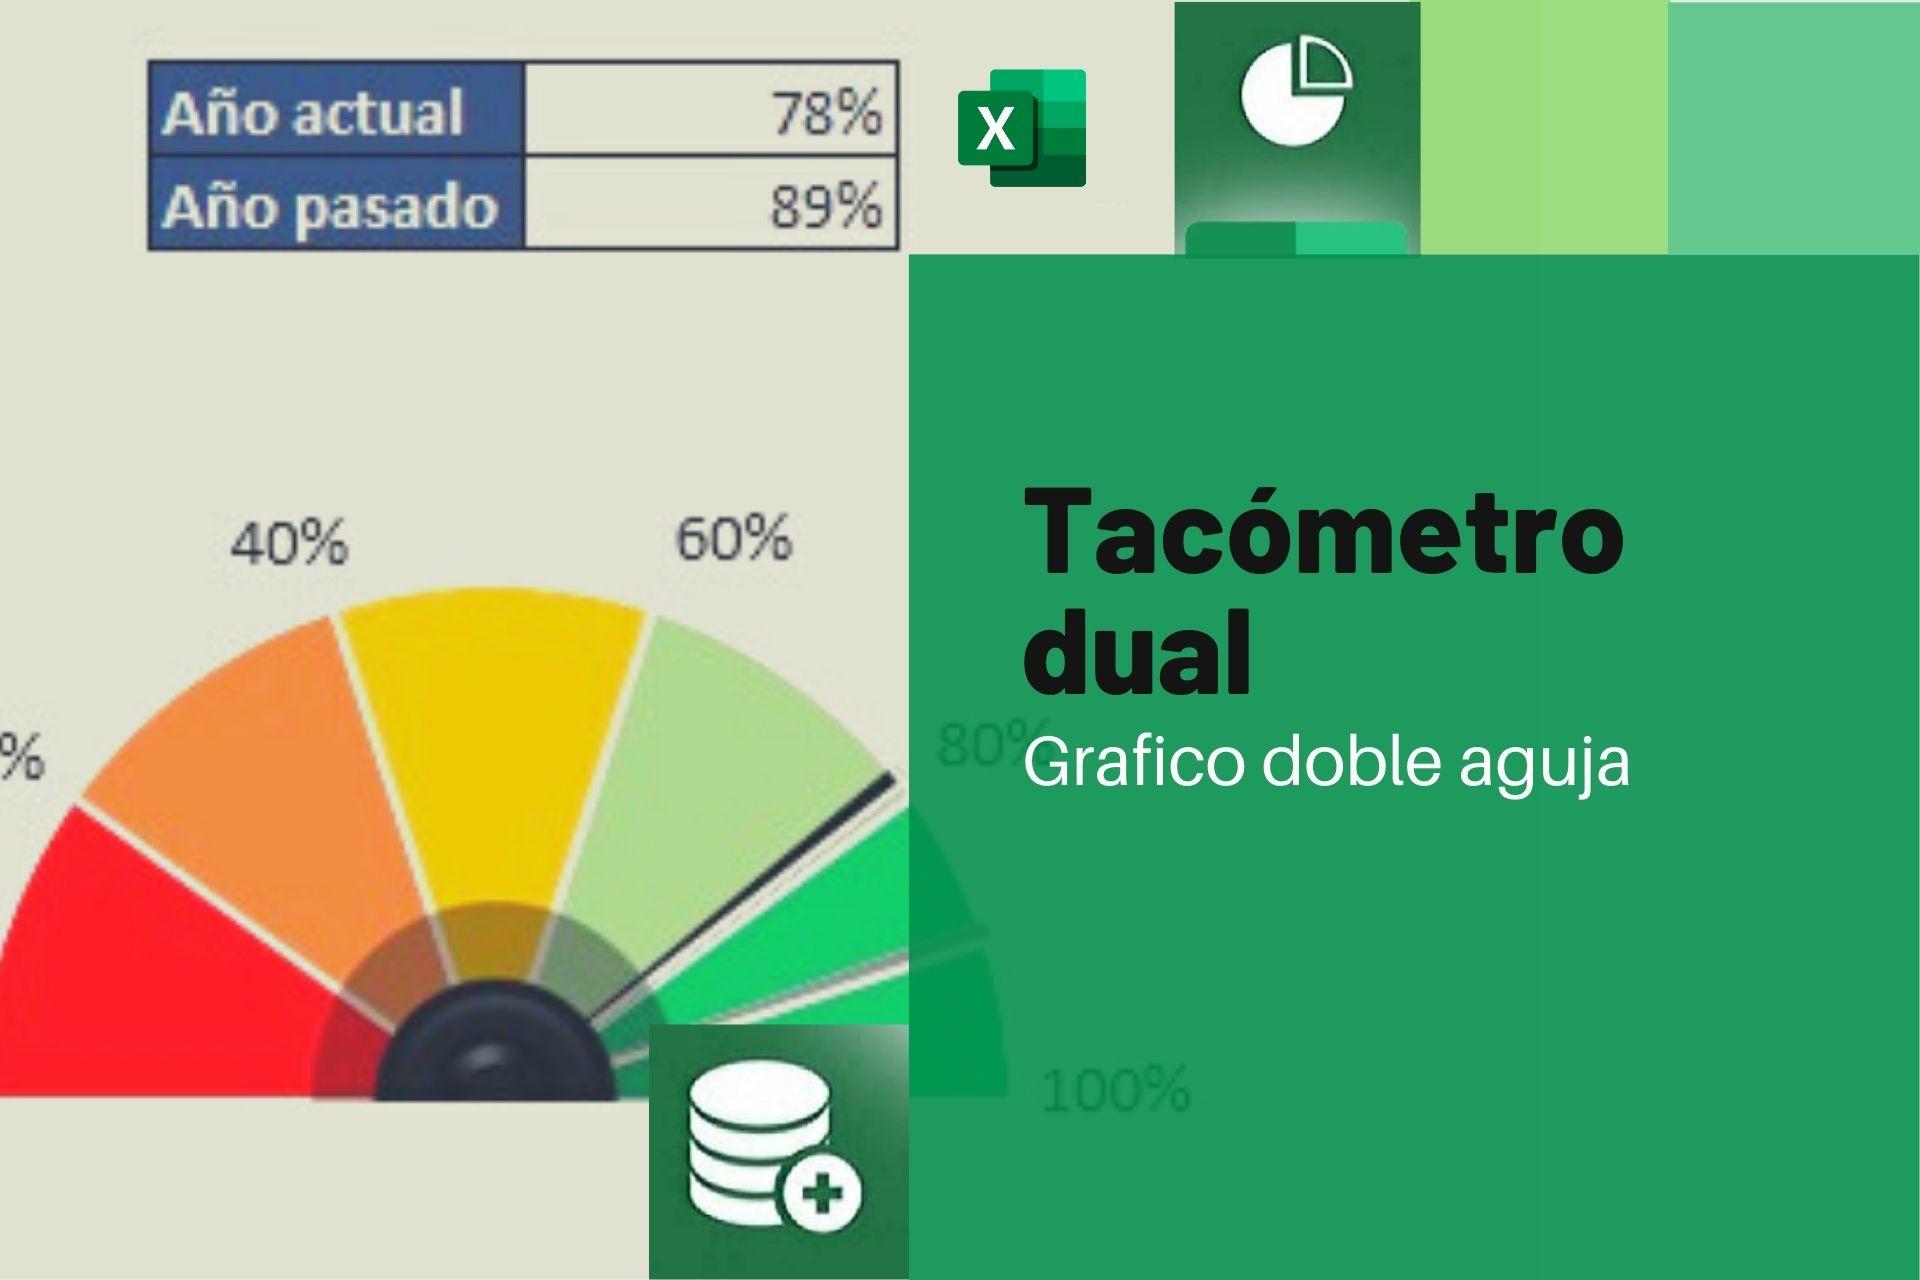 Tacometro dual